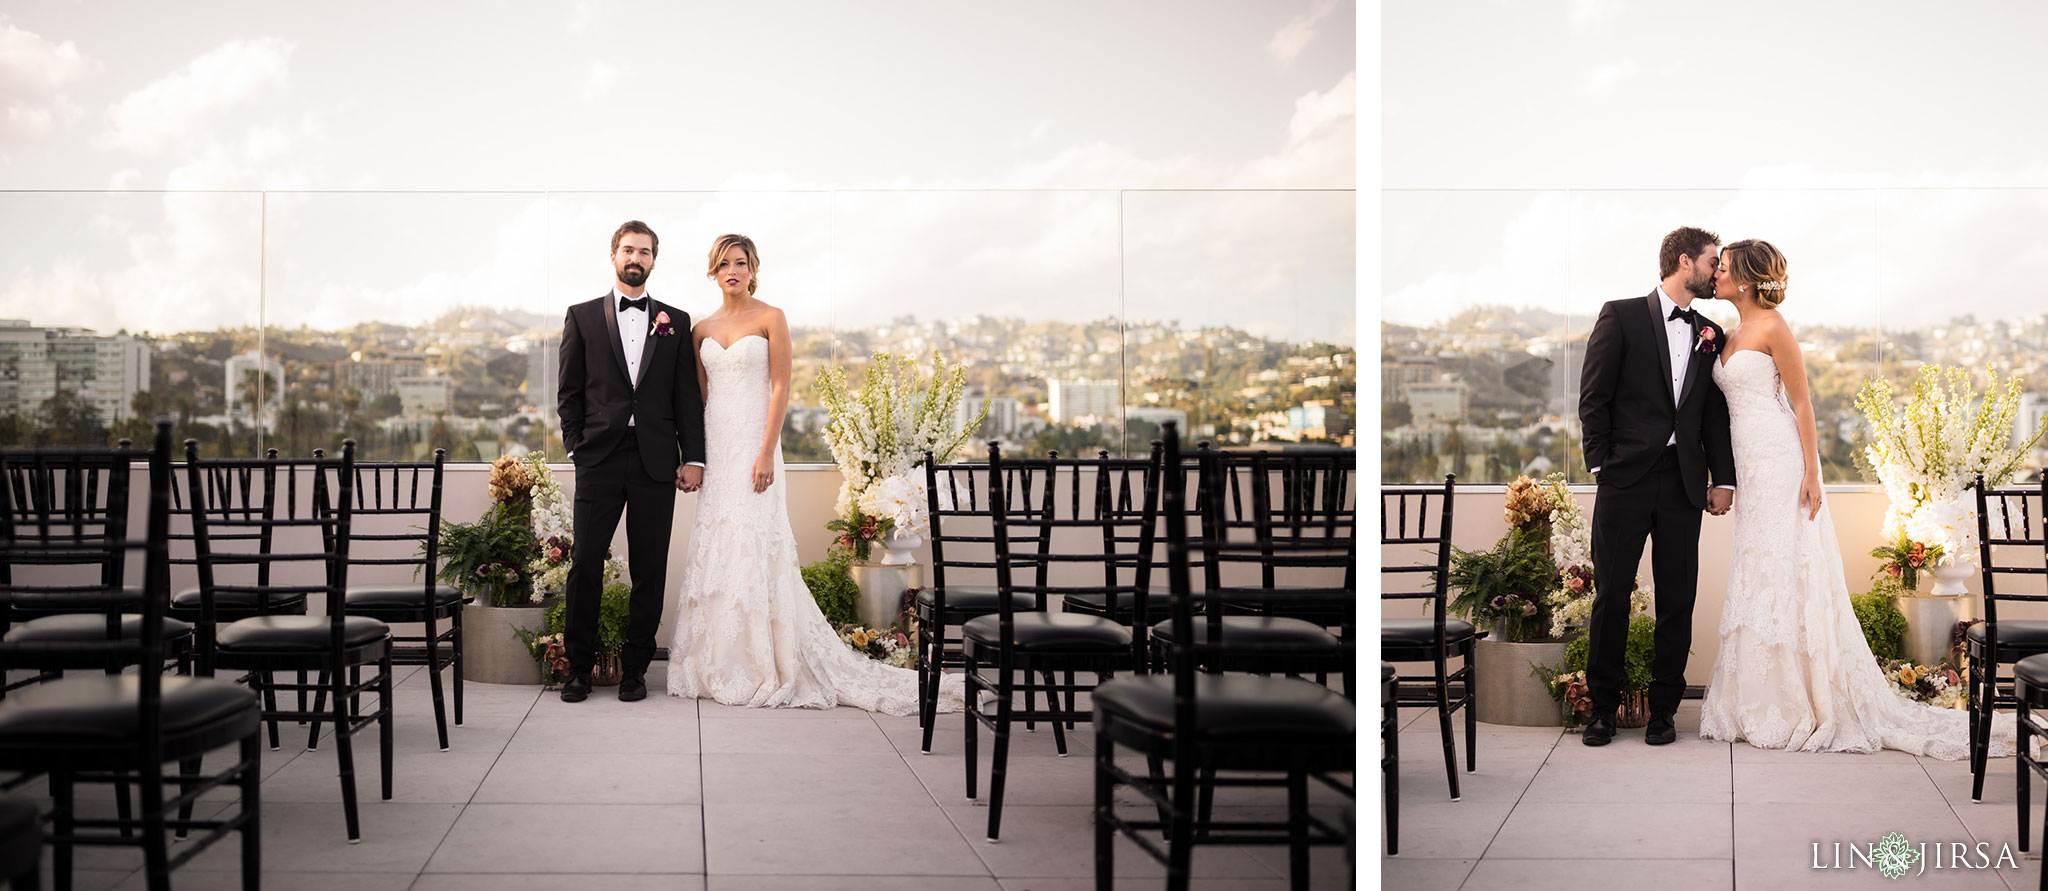 15 Kimpton La Peer Hotel West Hollywood Stylized Wedding Photography